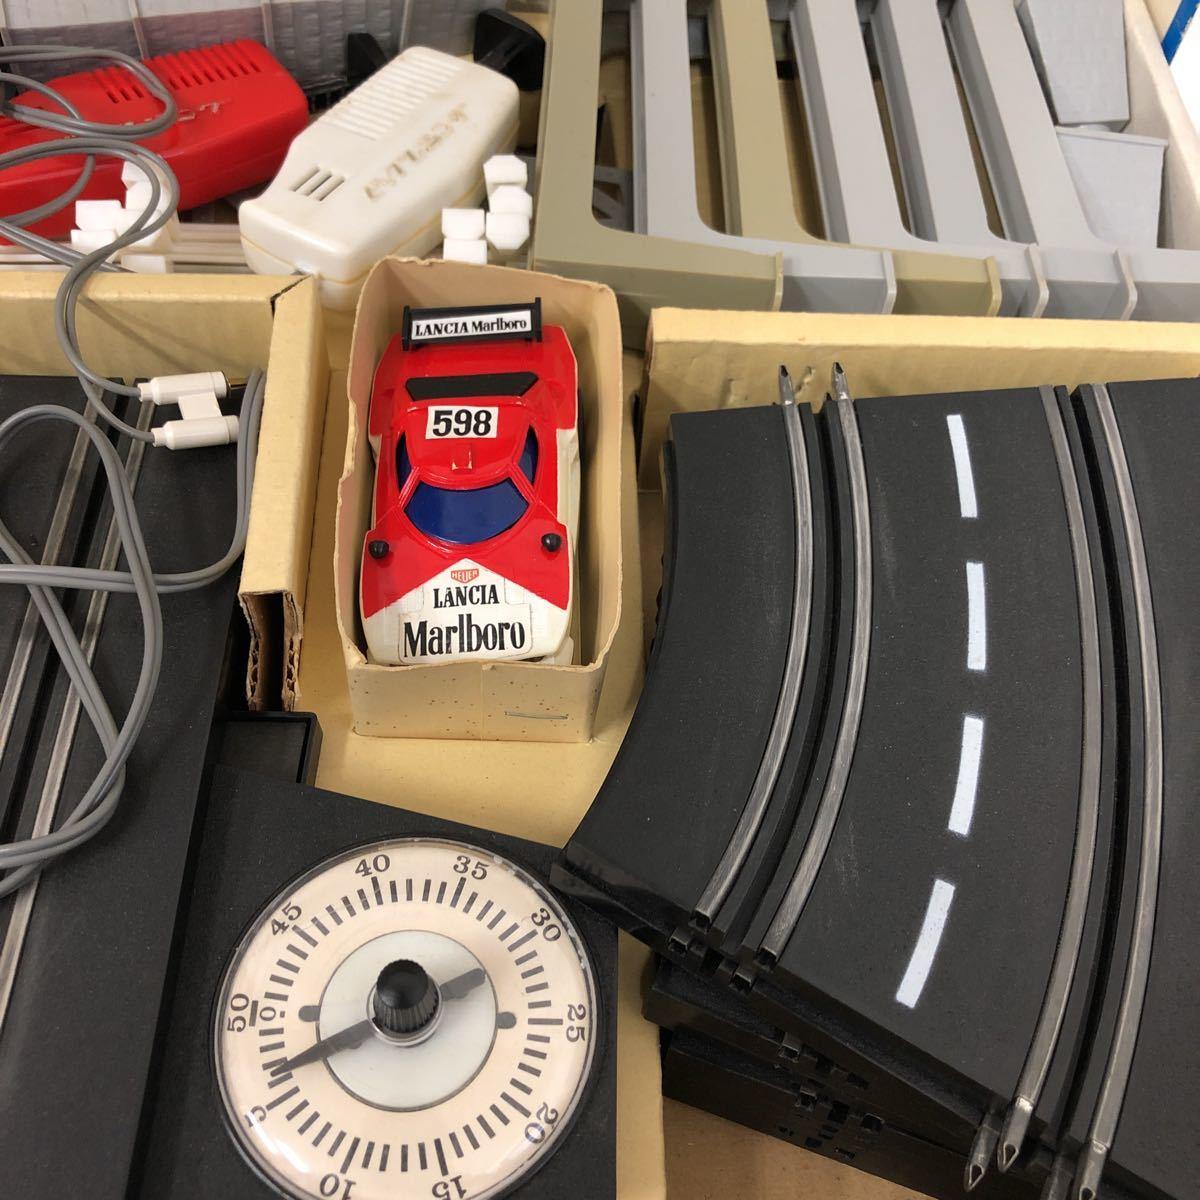 BIG RACING SUPERSERIES BS-3 ライト アンド サウンド CHERYCO ビッグレーシング ランチャストラトス ポルシェ935ターボ レトロ コレクター_画像4